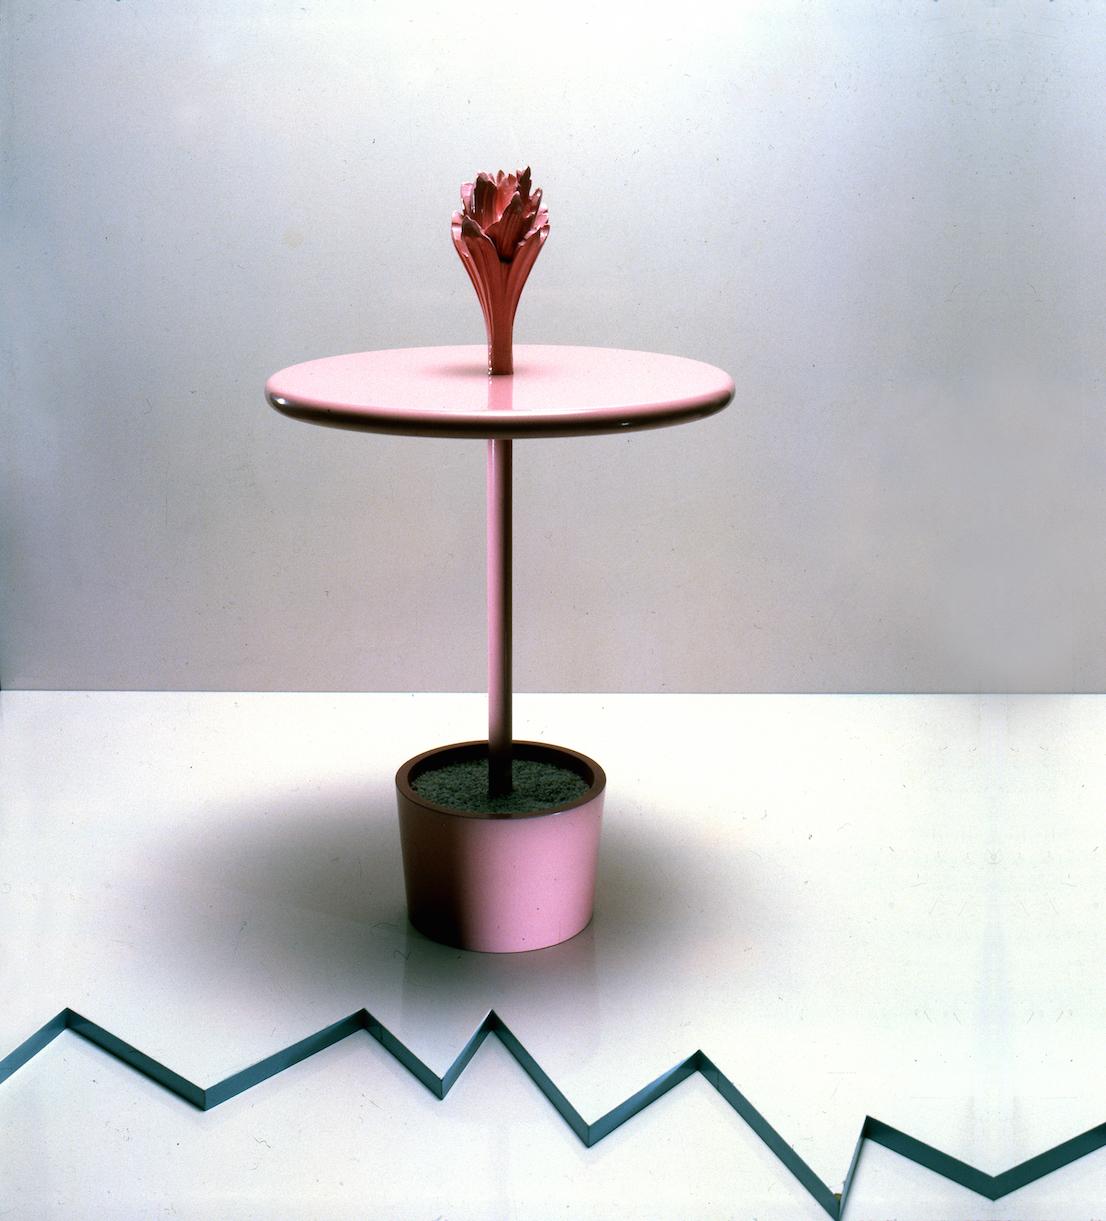 Ugo La Pietra, Tavolo giardino, 1984. Courtesy: Archivio Ugo La Pietra.